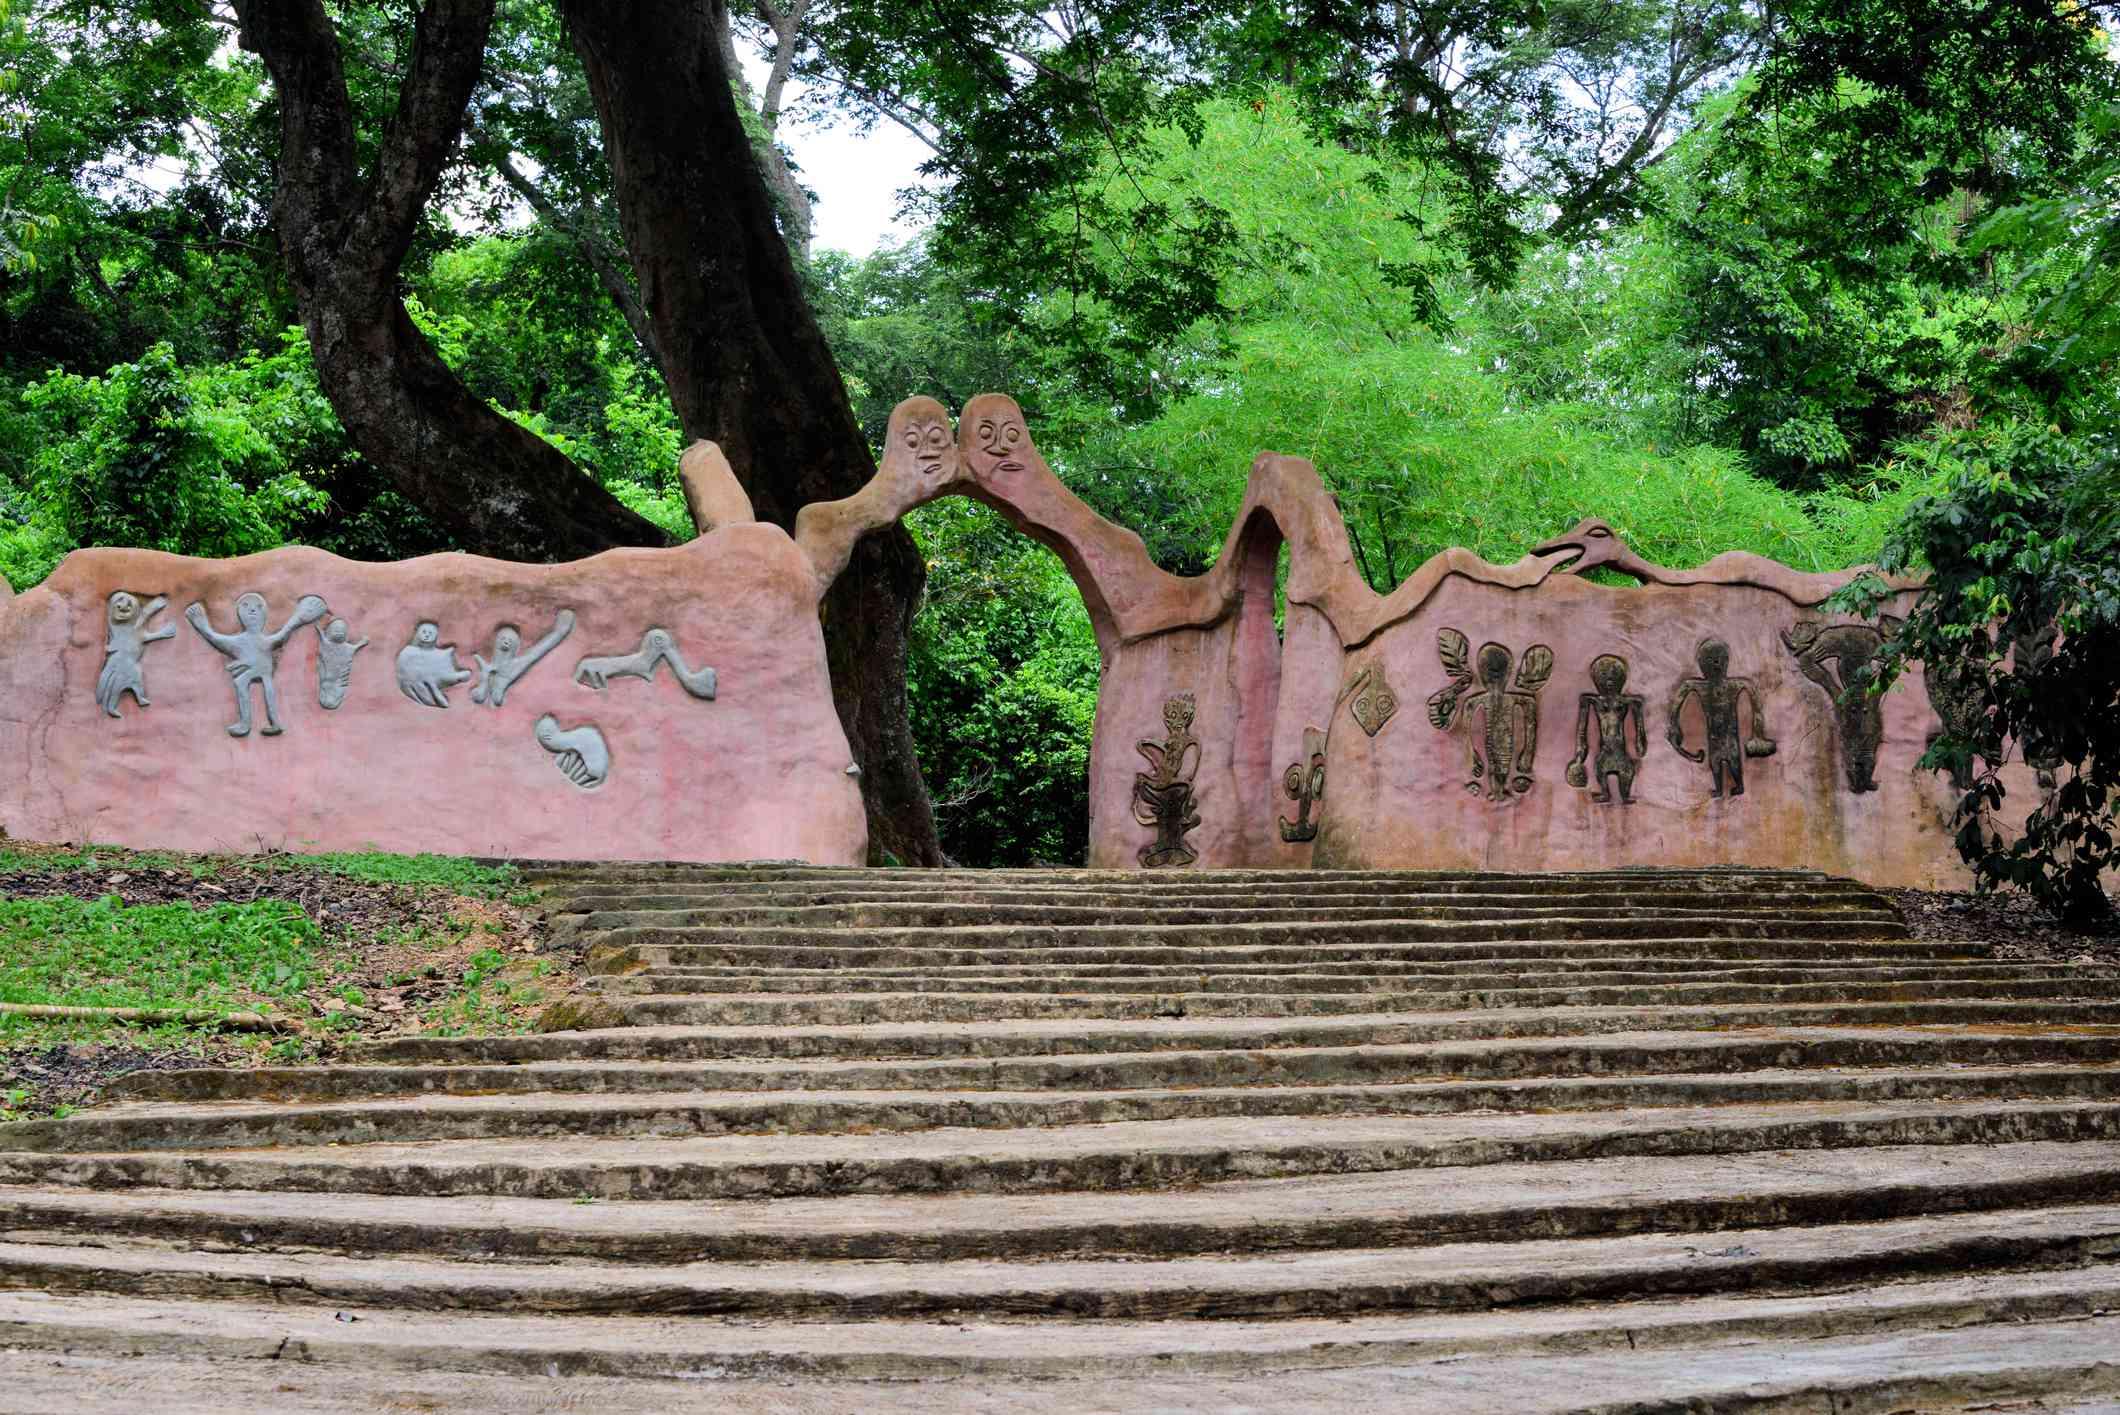 Entrance to the Osogbo temple compound - Osun-Osogbo Sacred Grove, Osogbo, Nigeria